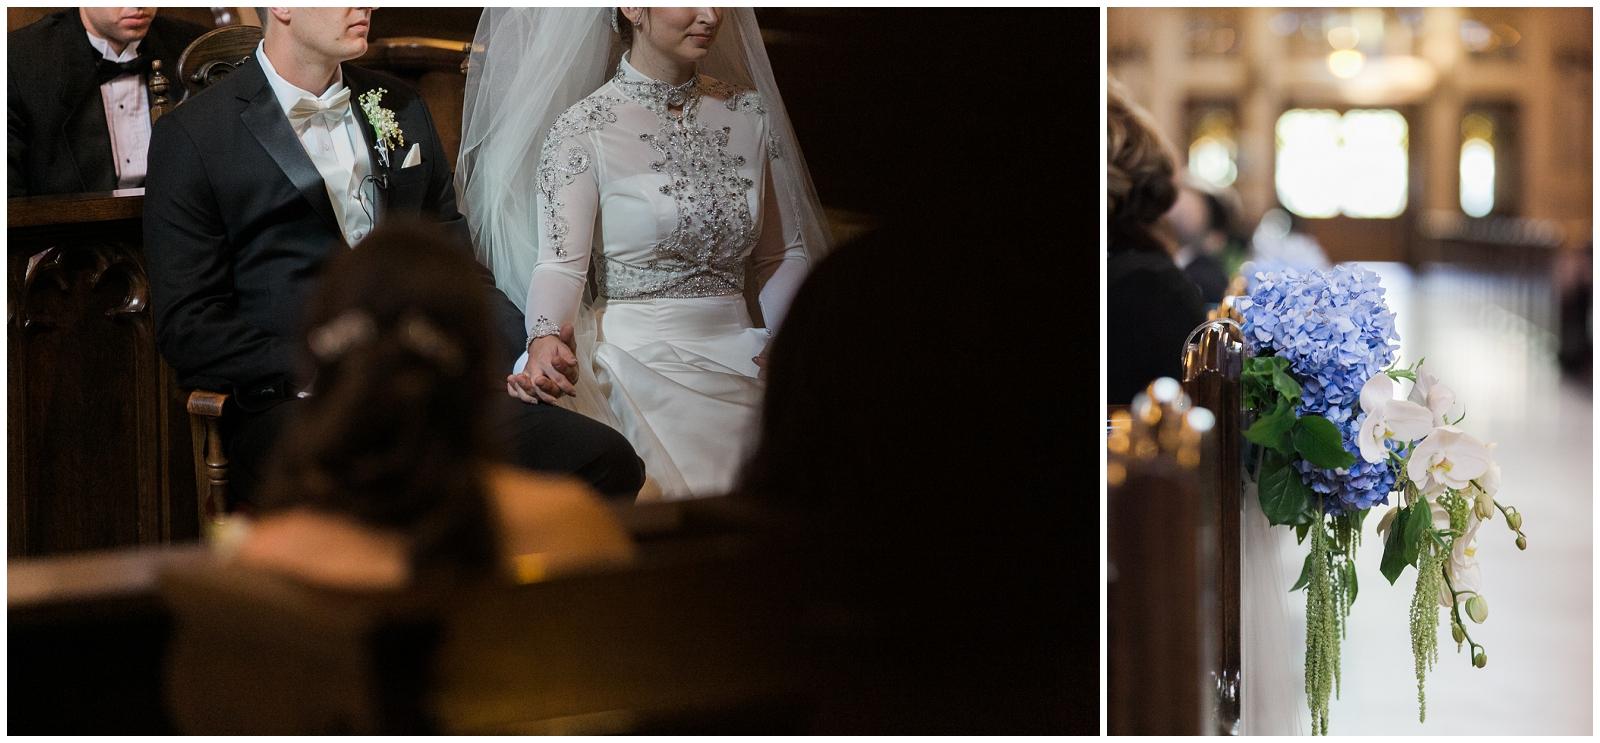 San-Francisco-Bay-Area-Wedding-Photography-Fairmont-11.jpg